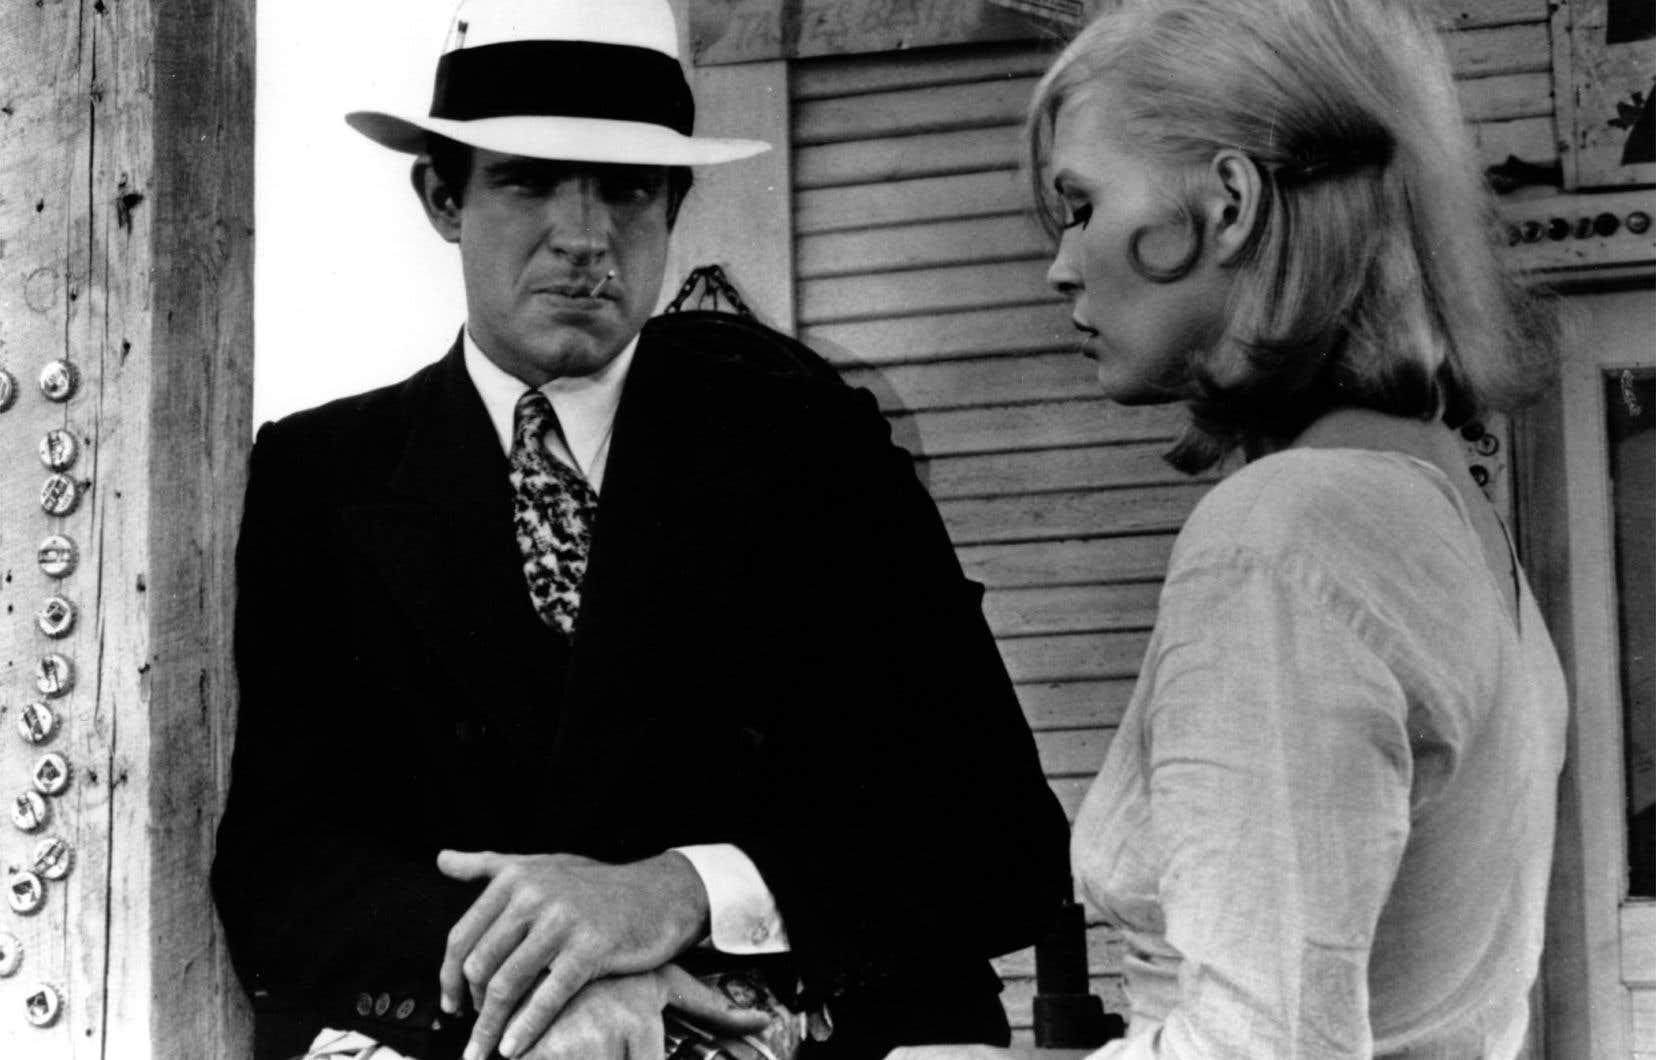 Porte-parole de l'événement, Rock Demers présentera «Bonnie and Clyde» d'Arthur Penn ainsi que «Danger pleine lune», film d'animation de Bretislav Pojar.